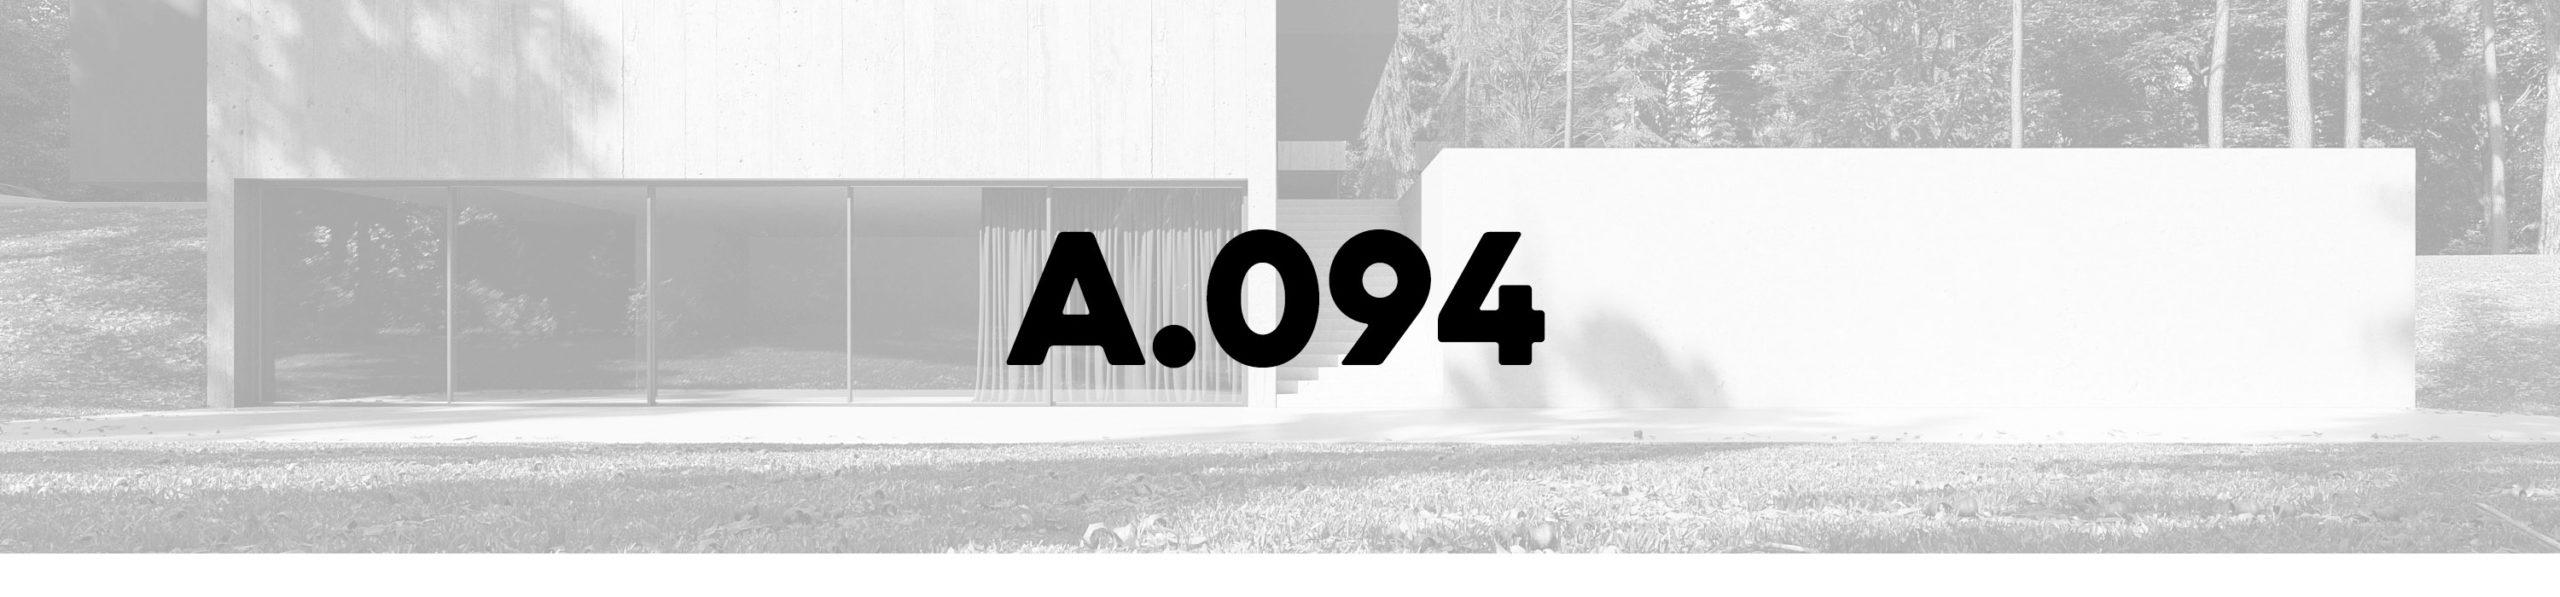 architecture-094-M